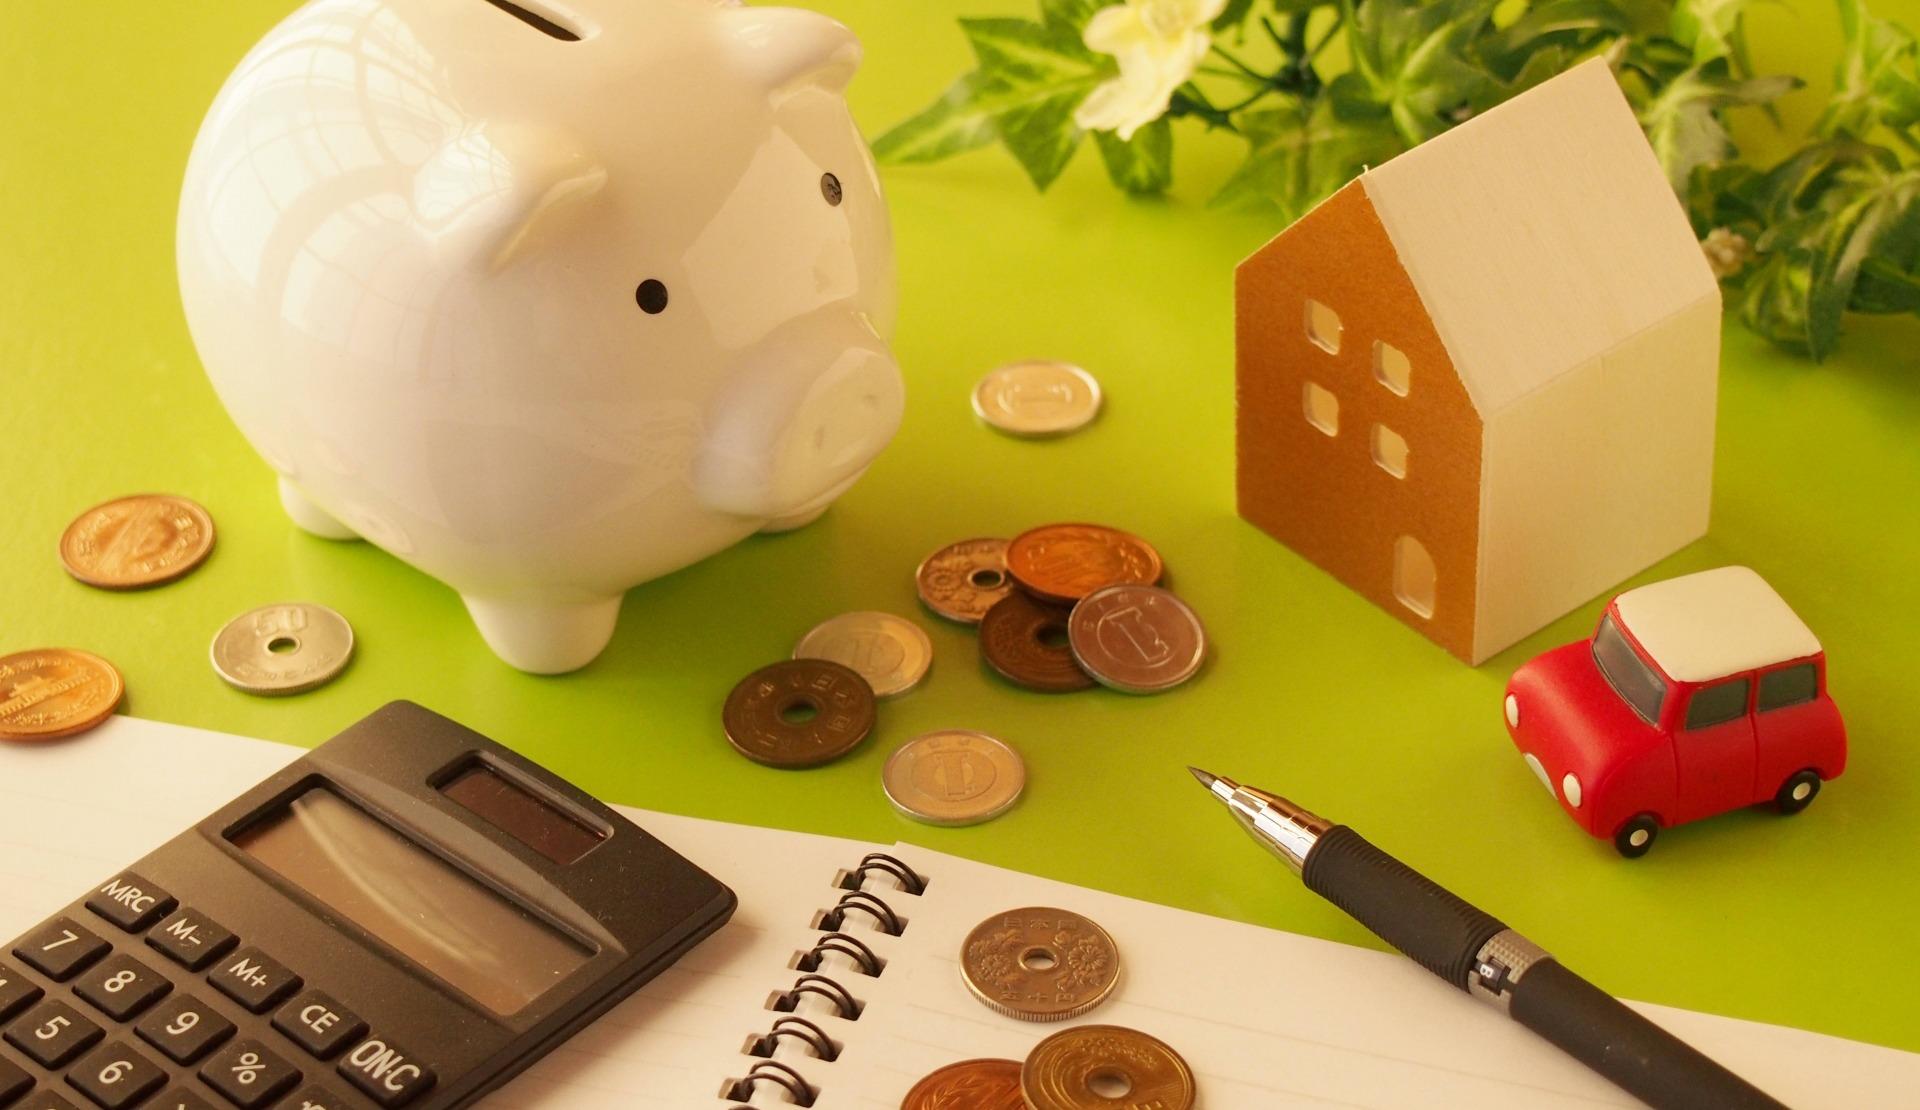 家計の見直しは必要貯蓄率から!各家庭ごとの最適解が見つかる